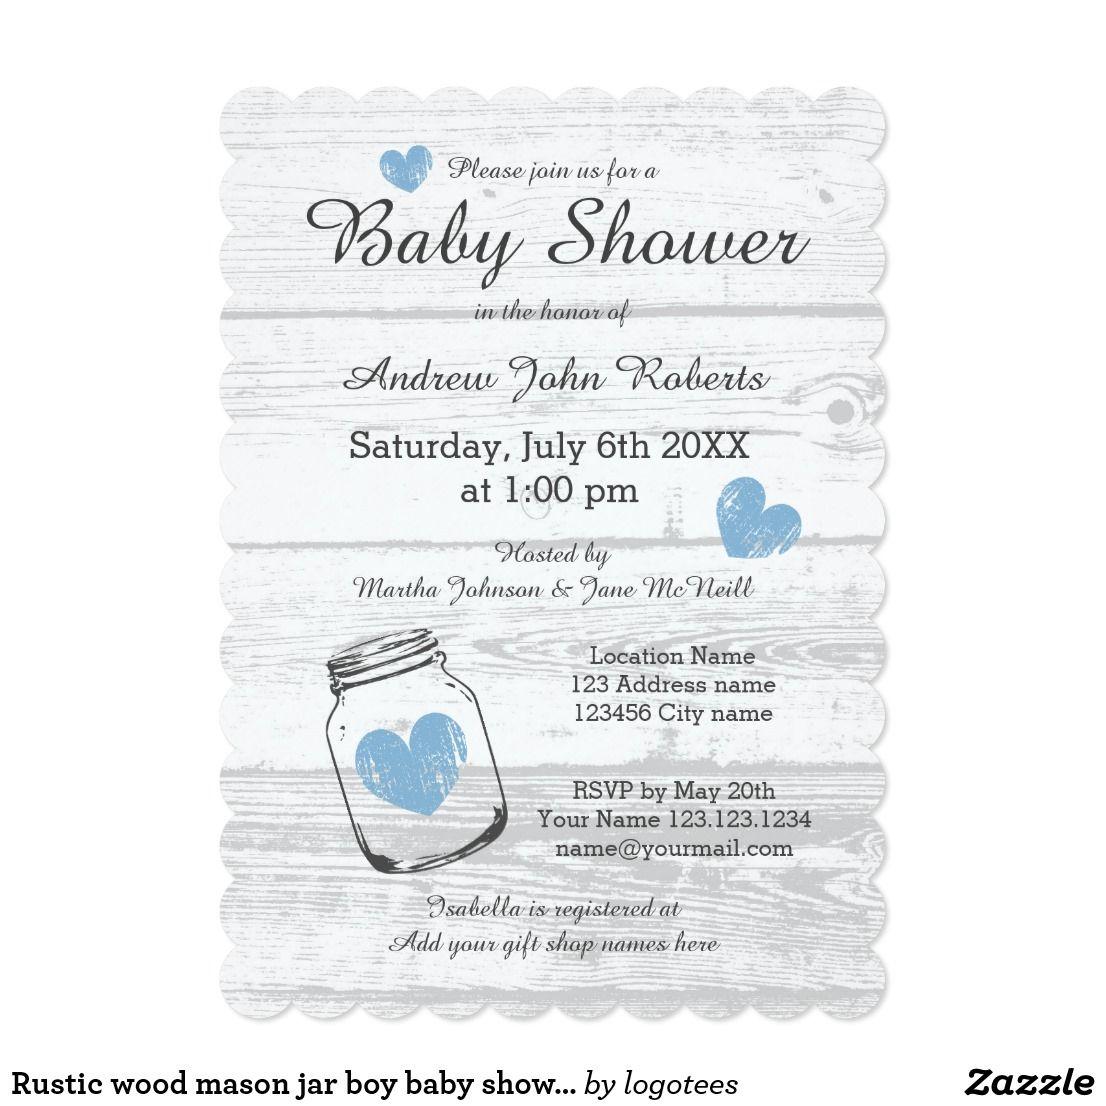 Rustic wood mason jar boy baby shower invitations | Boy baby showers ...